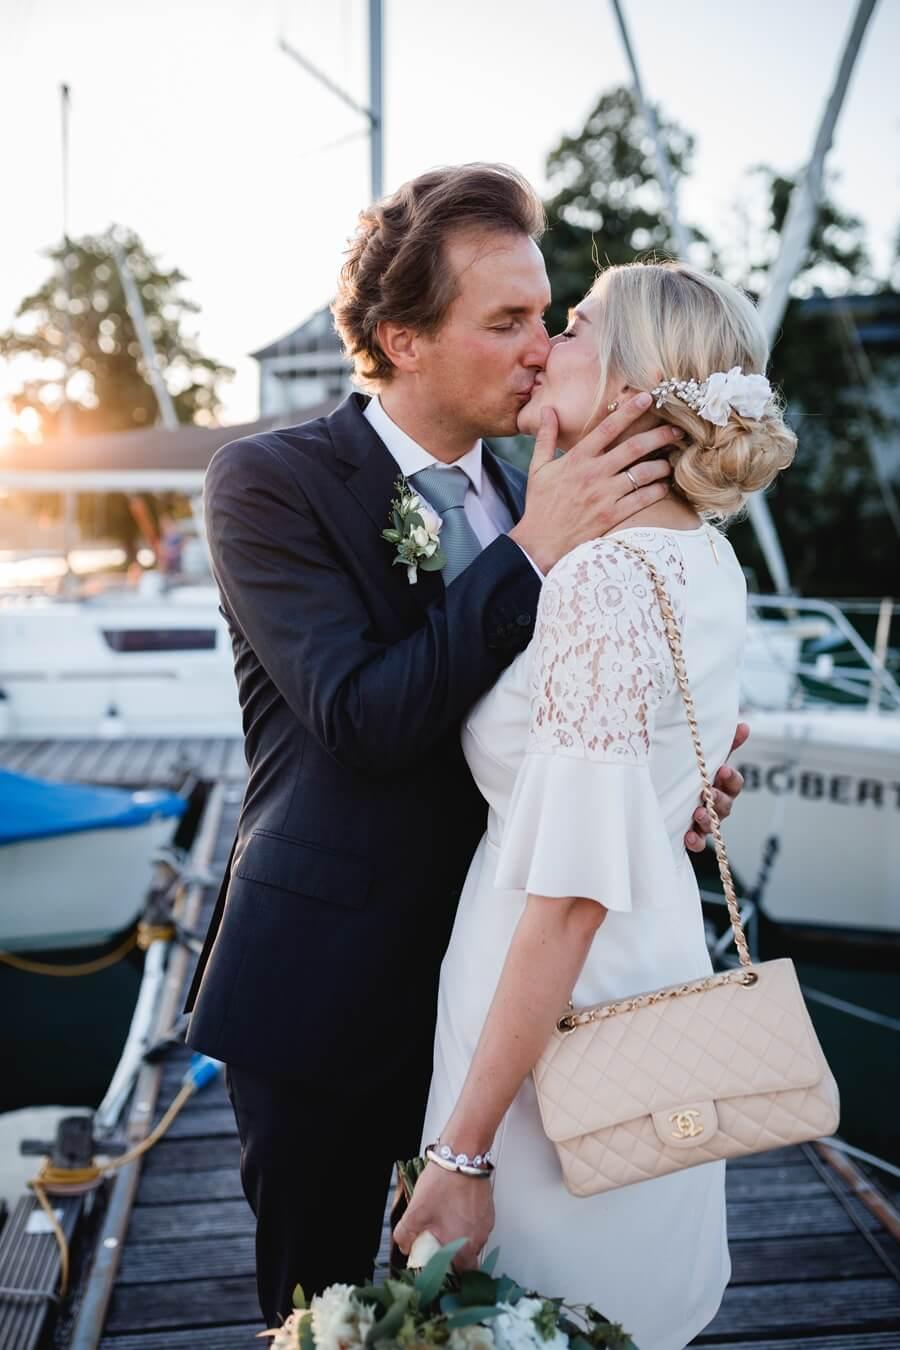 428-Standesamtliche-Hochzeit-Julia-und-Thomas-Schloss-Stefanie-Reindl-Photography